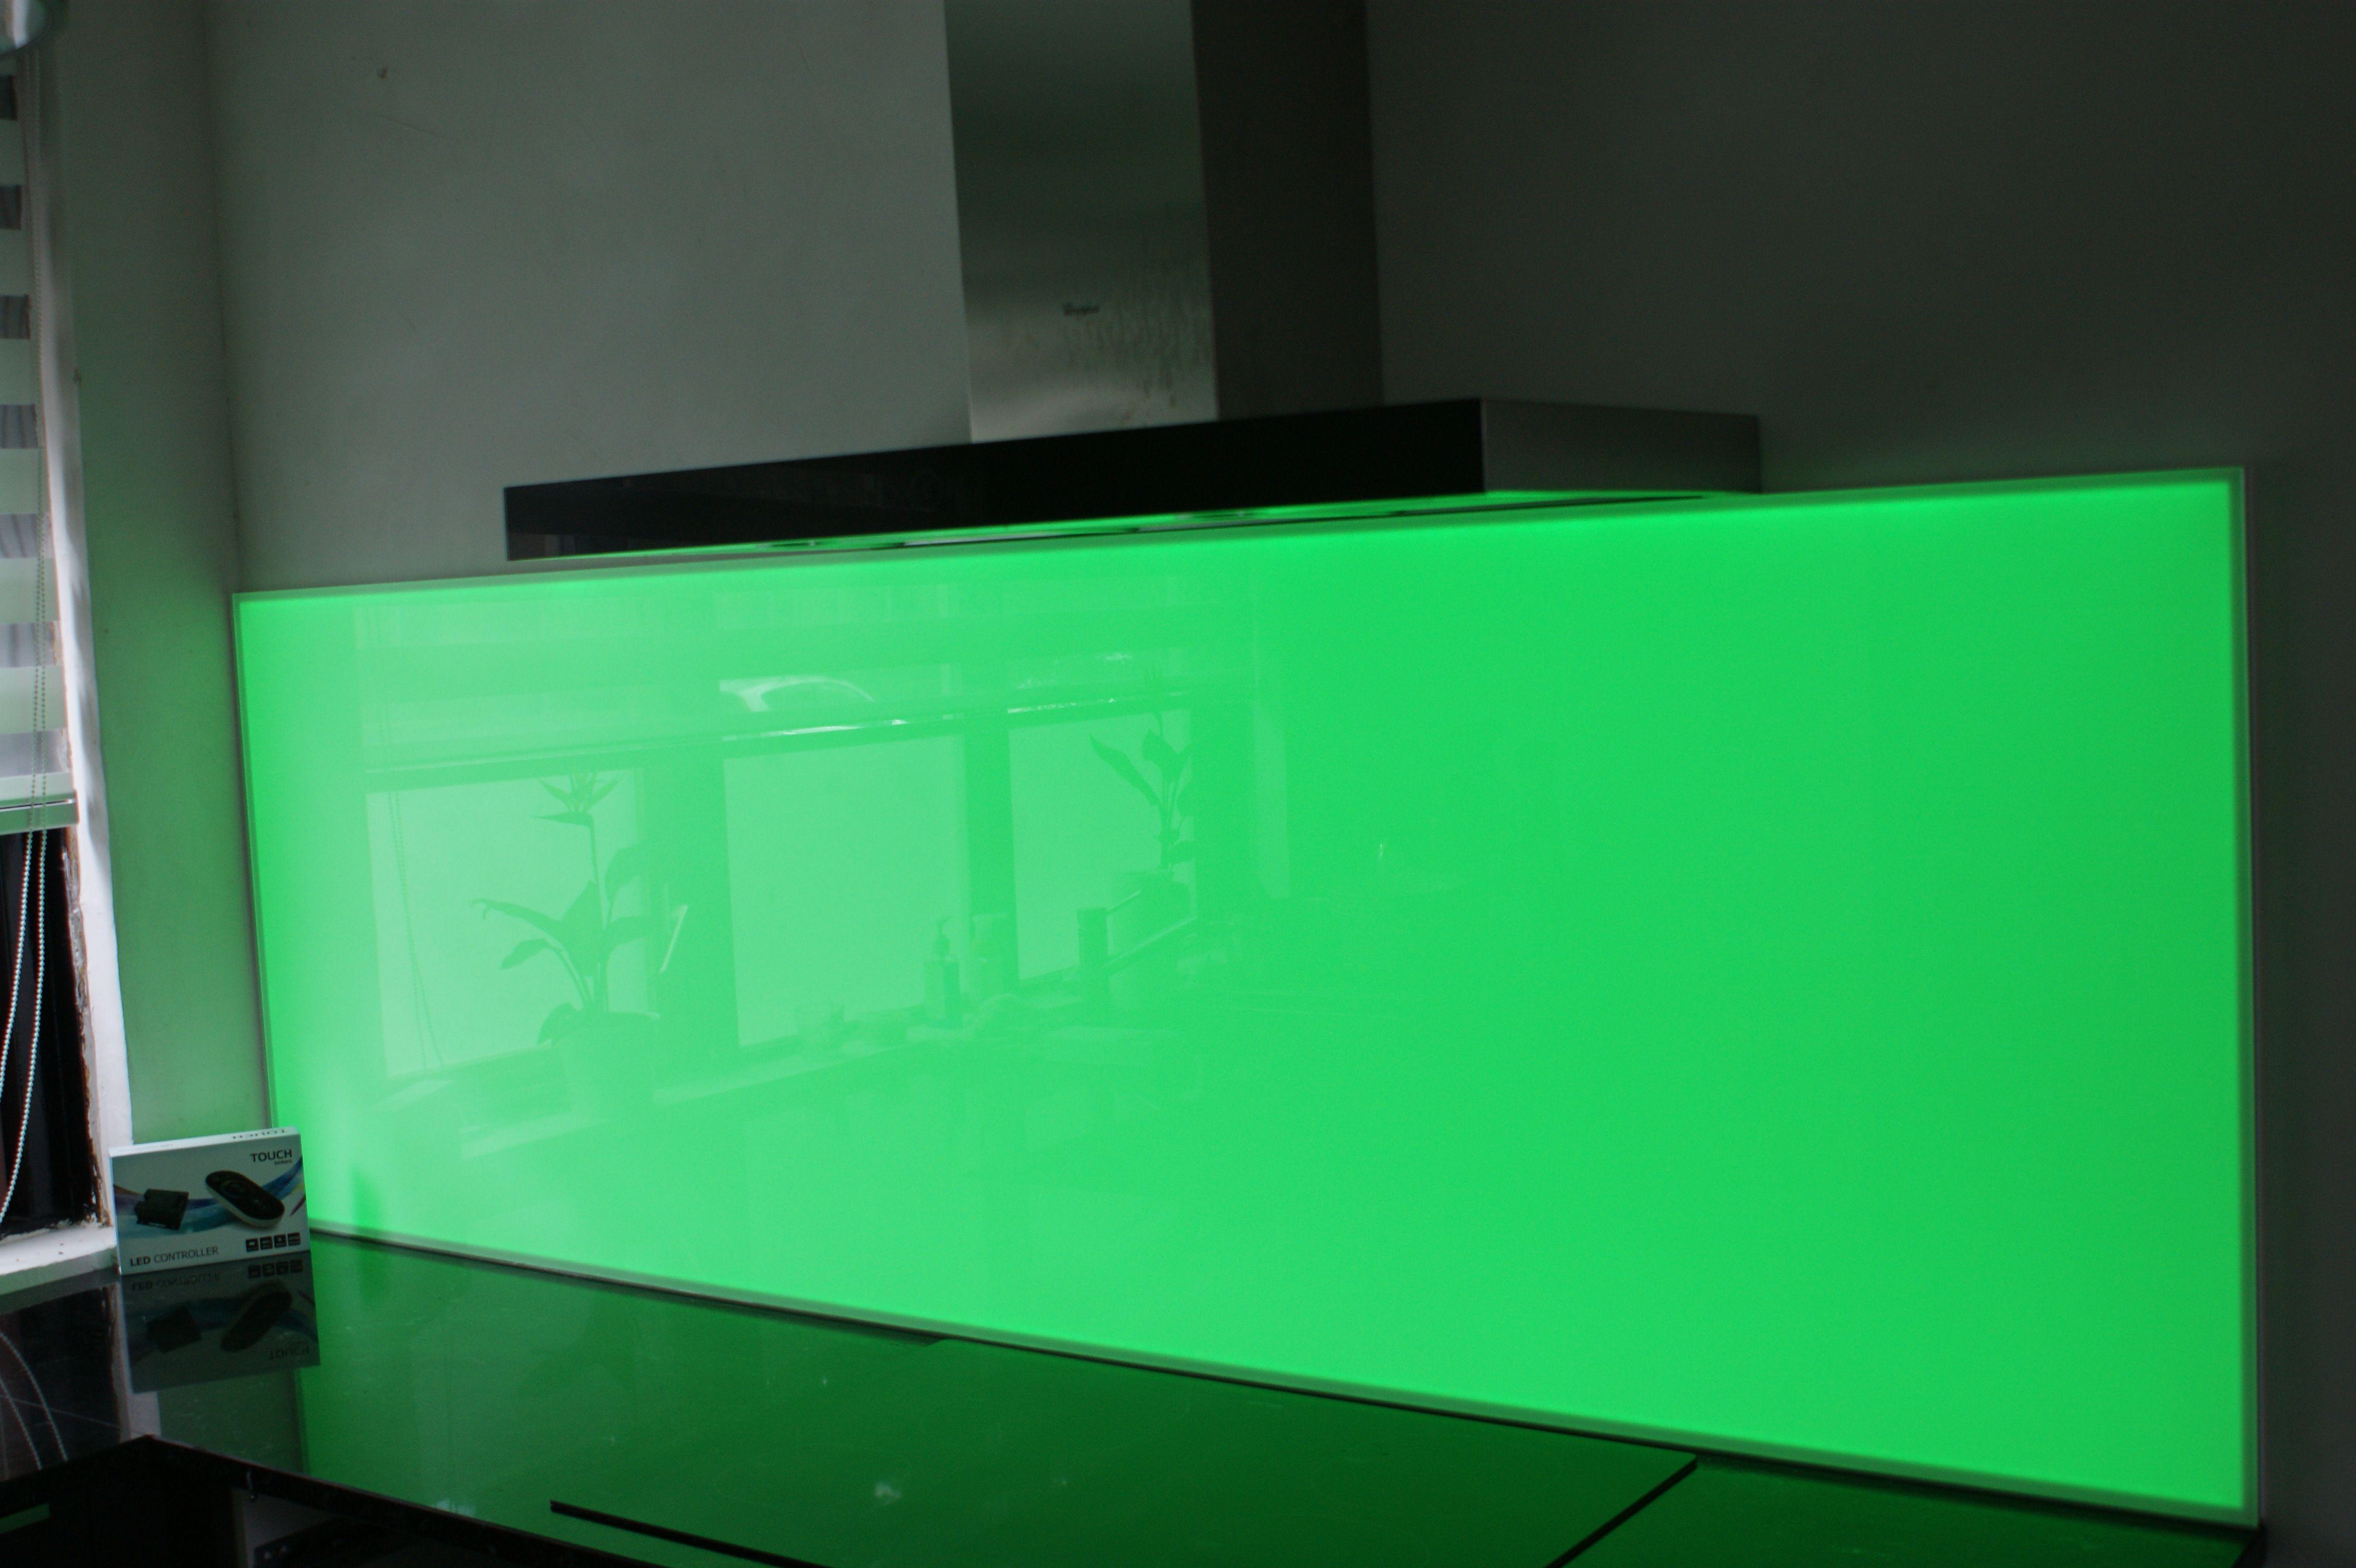 keukenglas met led verlichting achter het glas led verlichting is in te stellen in alle